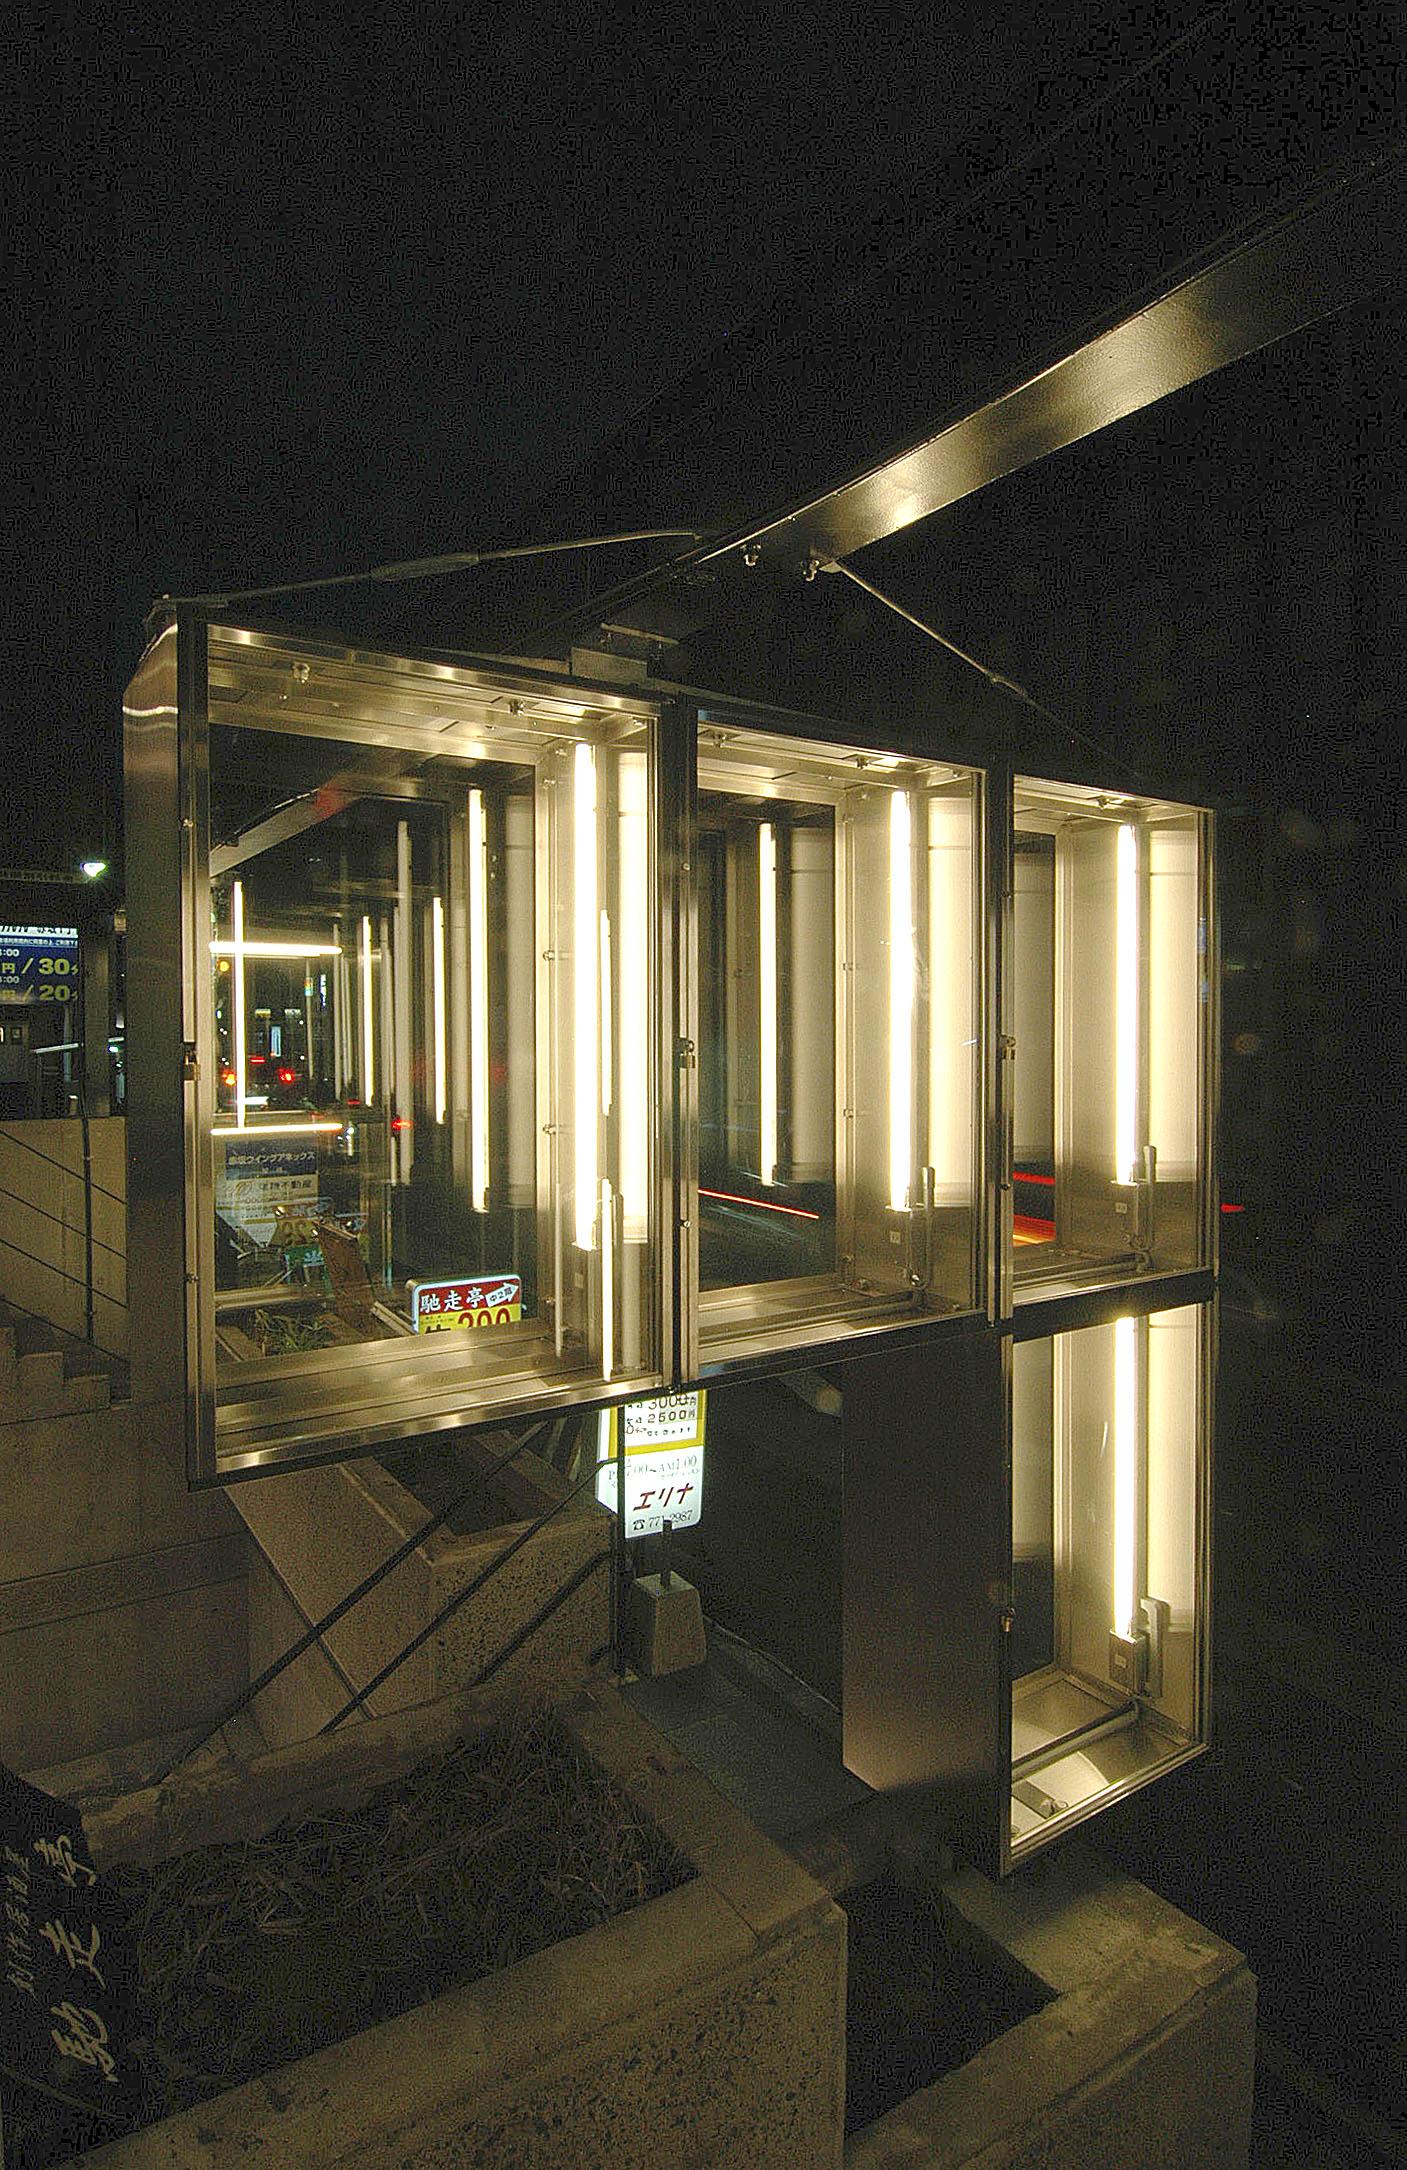 ガラスのショーケースと電照花壇